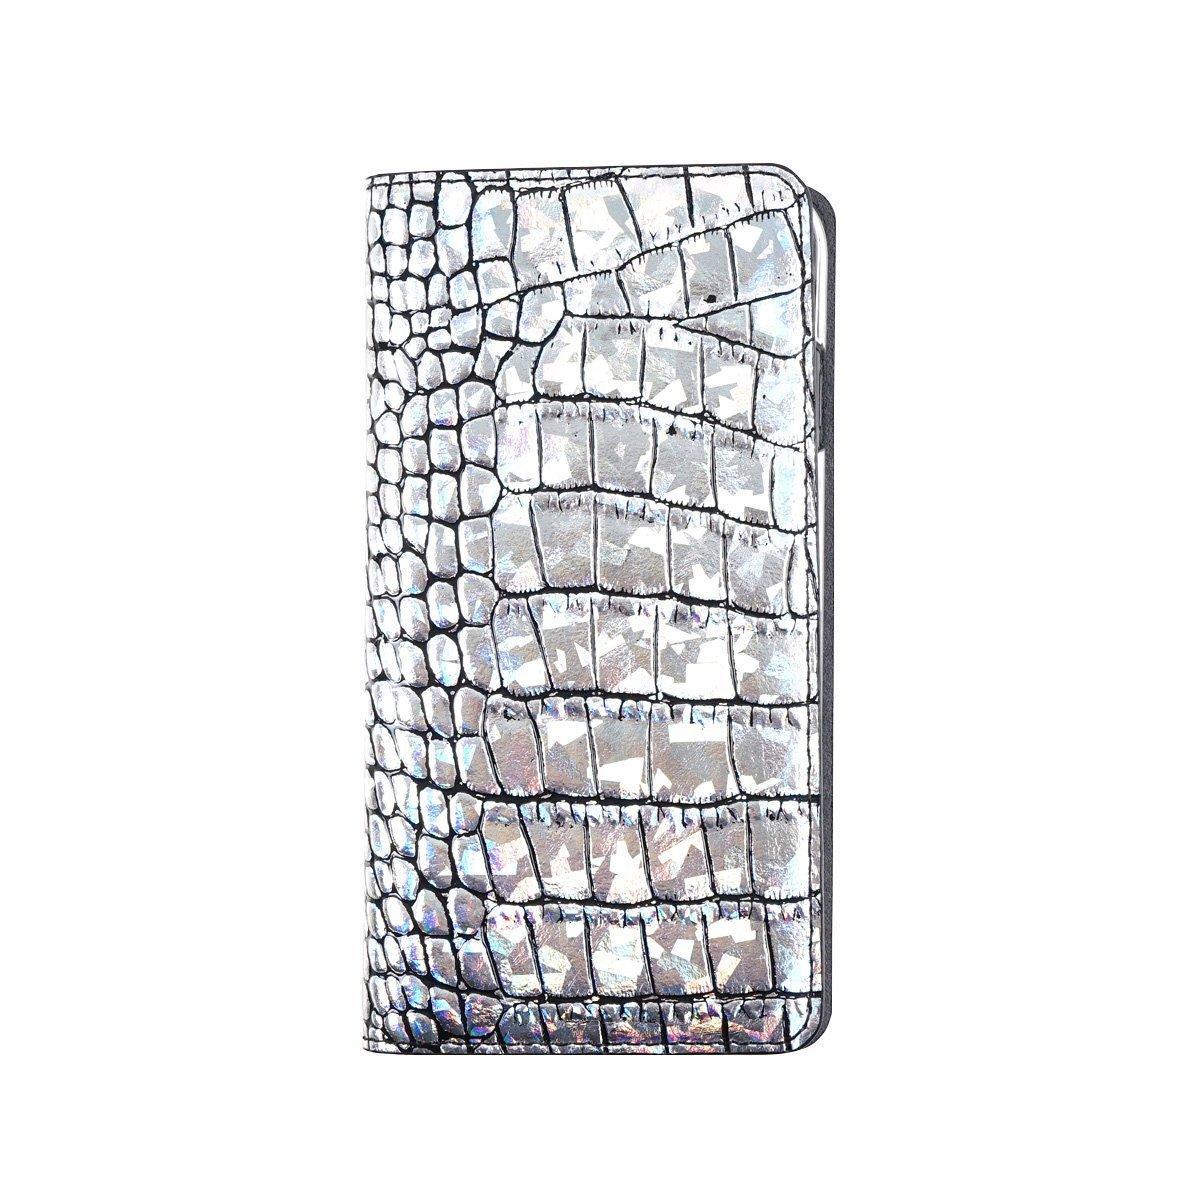 アイフォンx iphoneX ケース GAZE Hologram Croco Diary シルバー 手帳型 GZ10219i8 /在庫あり/クロコダイル型押し 本革 送料無料 スマホケース アイフォーンx カバー【スマホ・タブレットのアクセサリー専門店 スマートフォンケース フューチャモバイル】おしゃれ